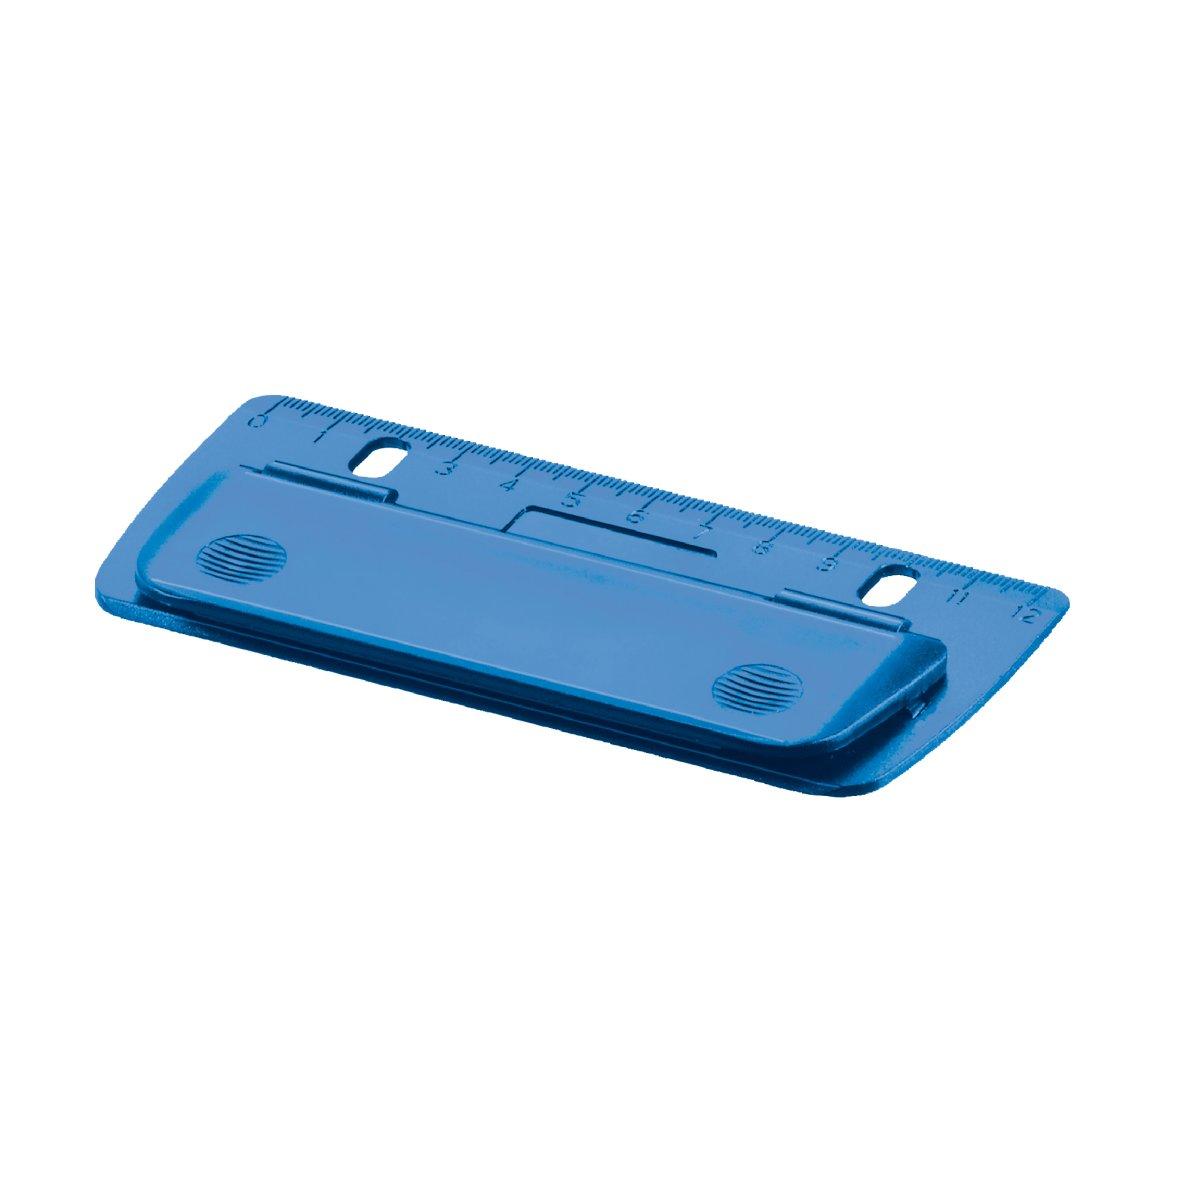 Herlitz Taschenlocher Blau Mini Locher Abheftbar Ebay